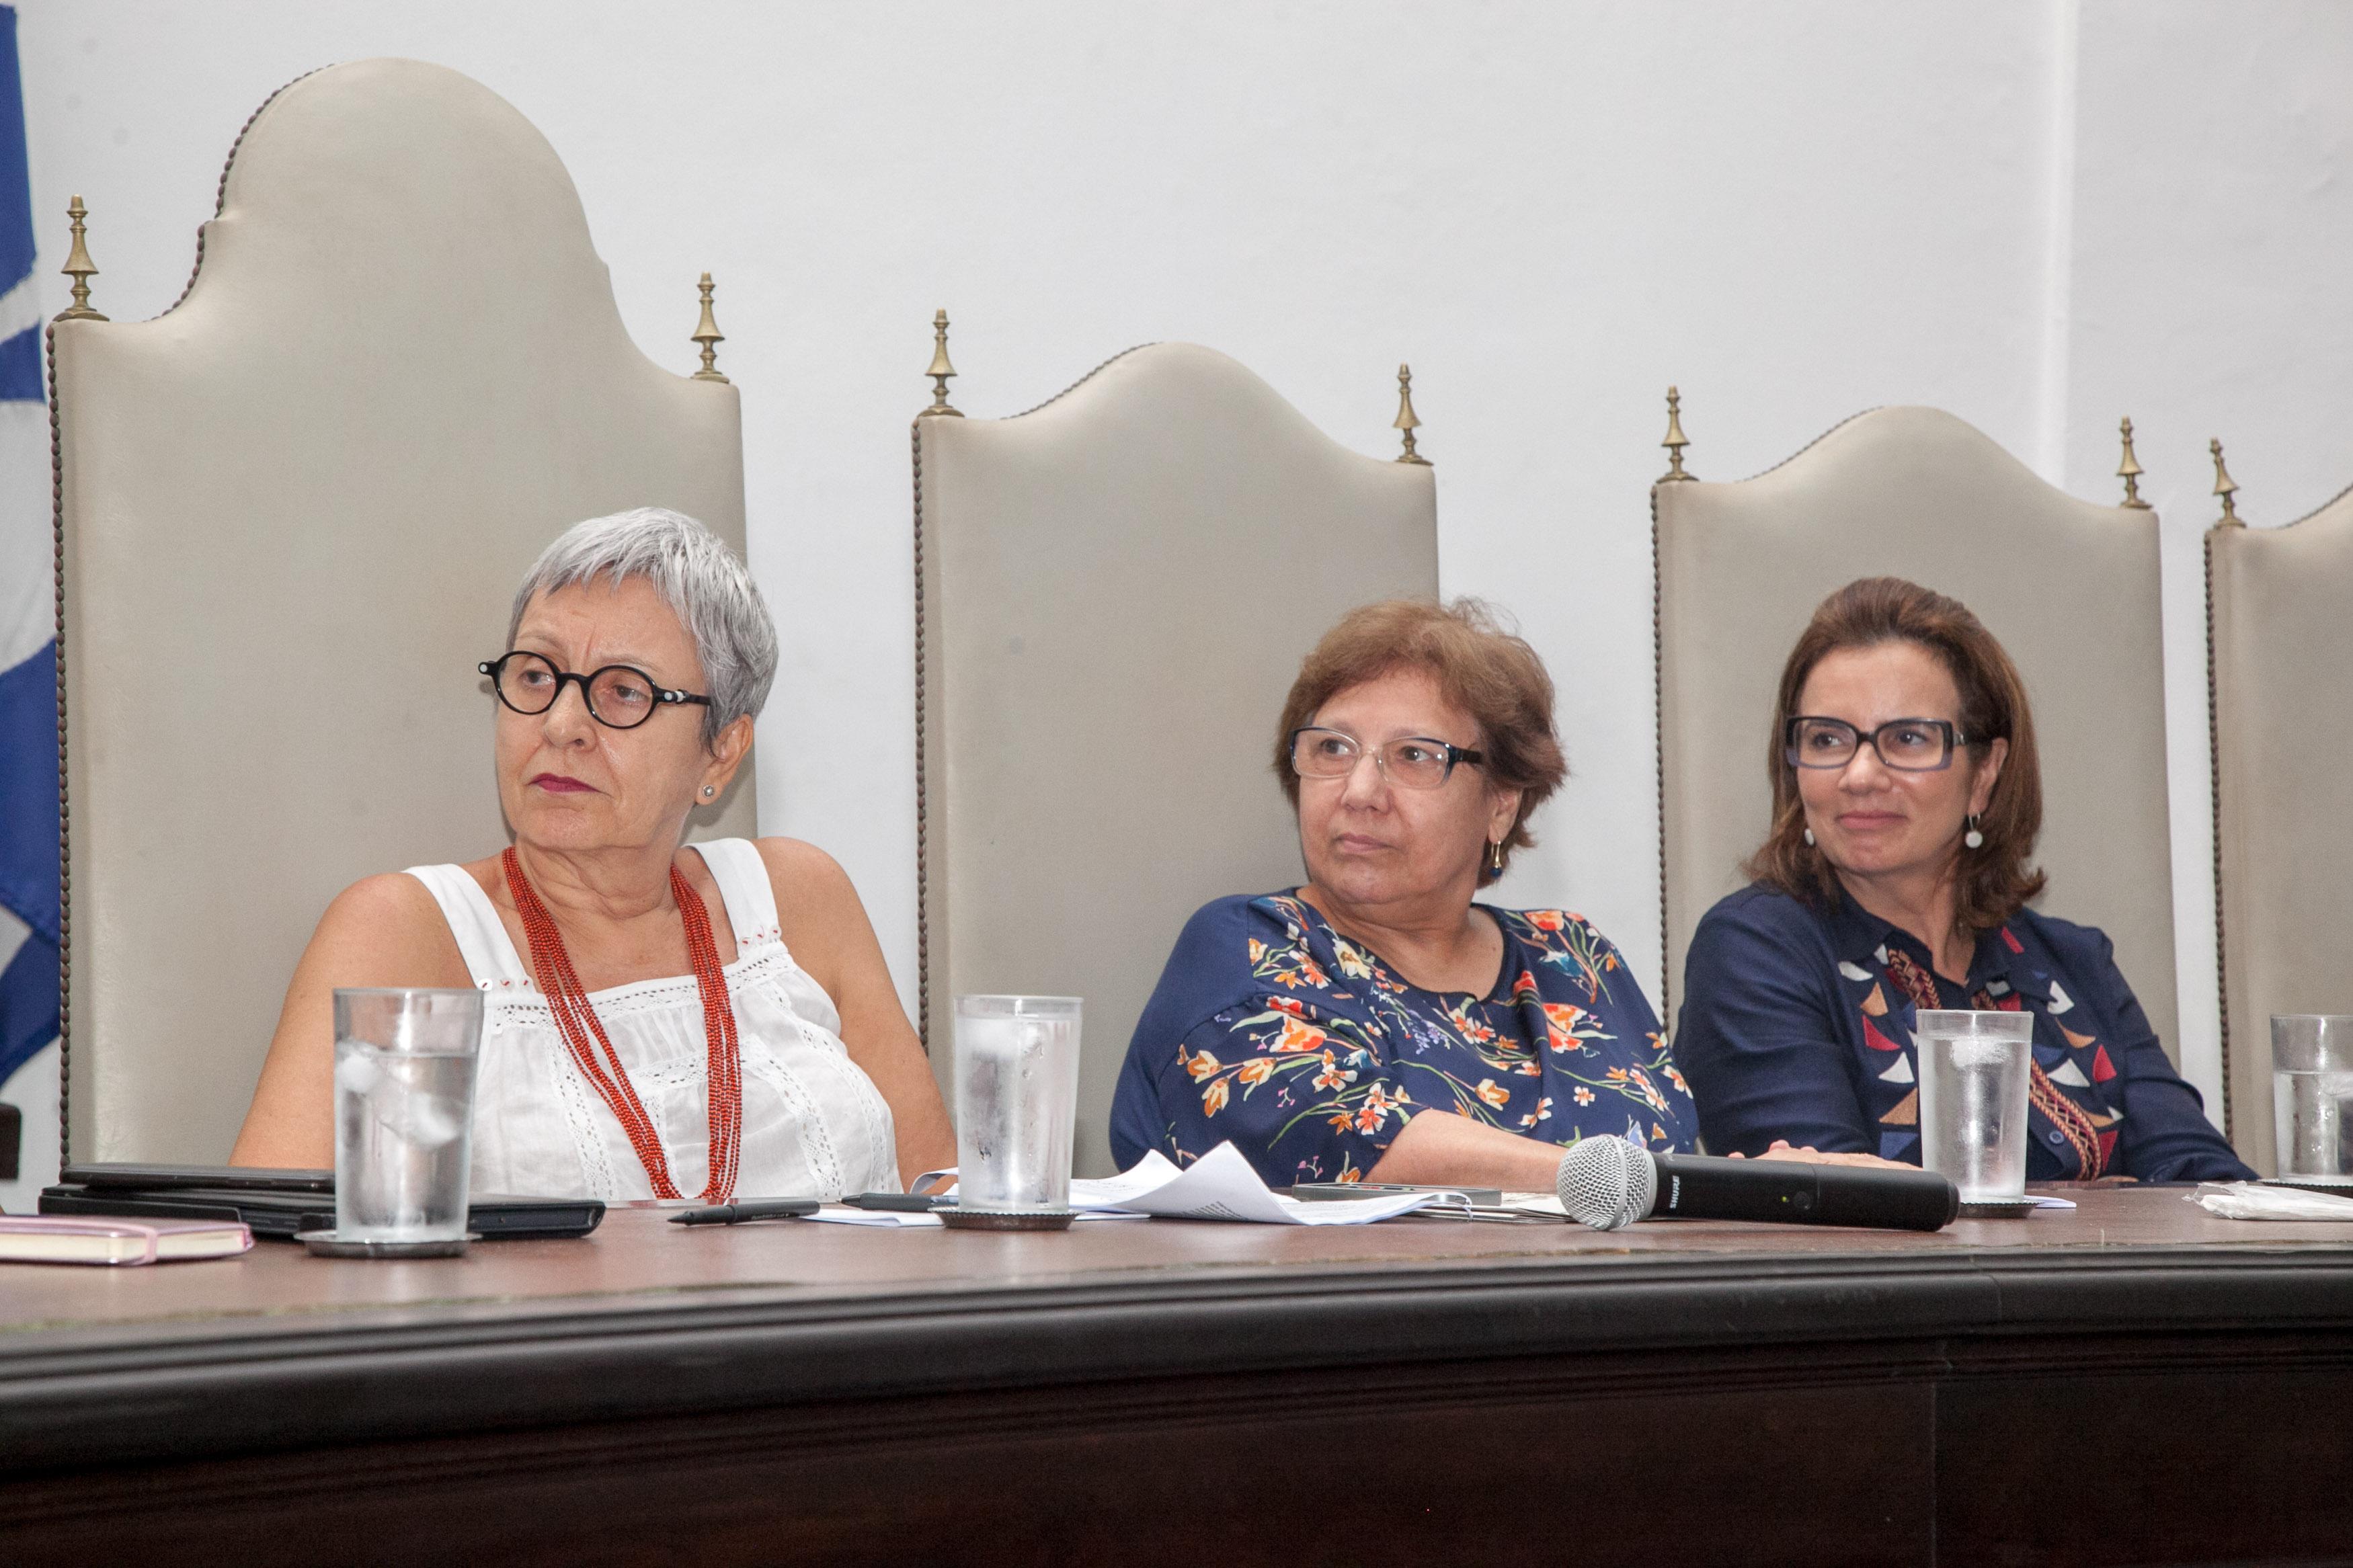 """SALVADOR, BAHIA, BRASIL: 201803'5 -  FORUM SOCIAL MUNDIAL - Mesa """"Trabalho Digno: Respostas à reforma trabalhista."""" Na foto a partir da esquerda: S Graça Druck, Angela Borges; Ana Claudia Scavuzzi."""